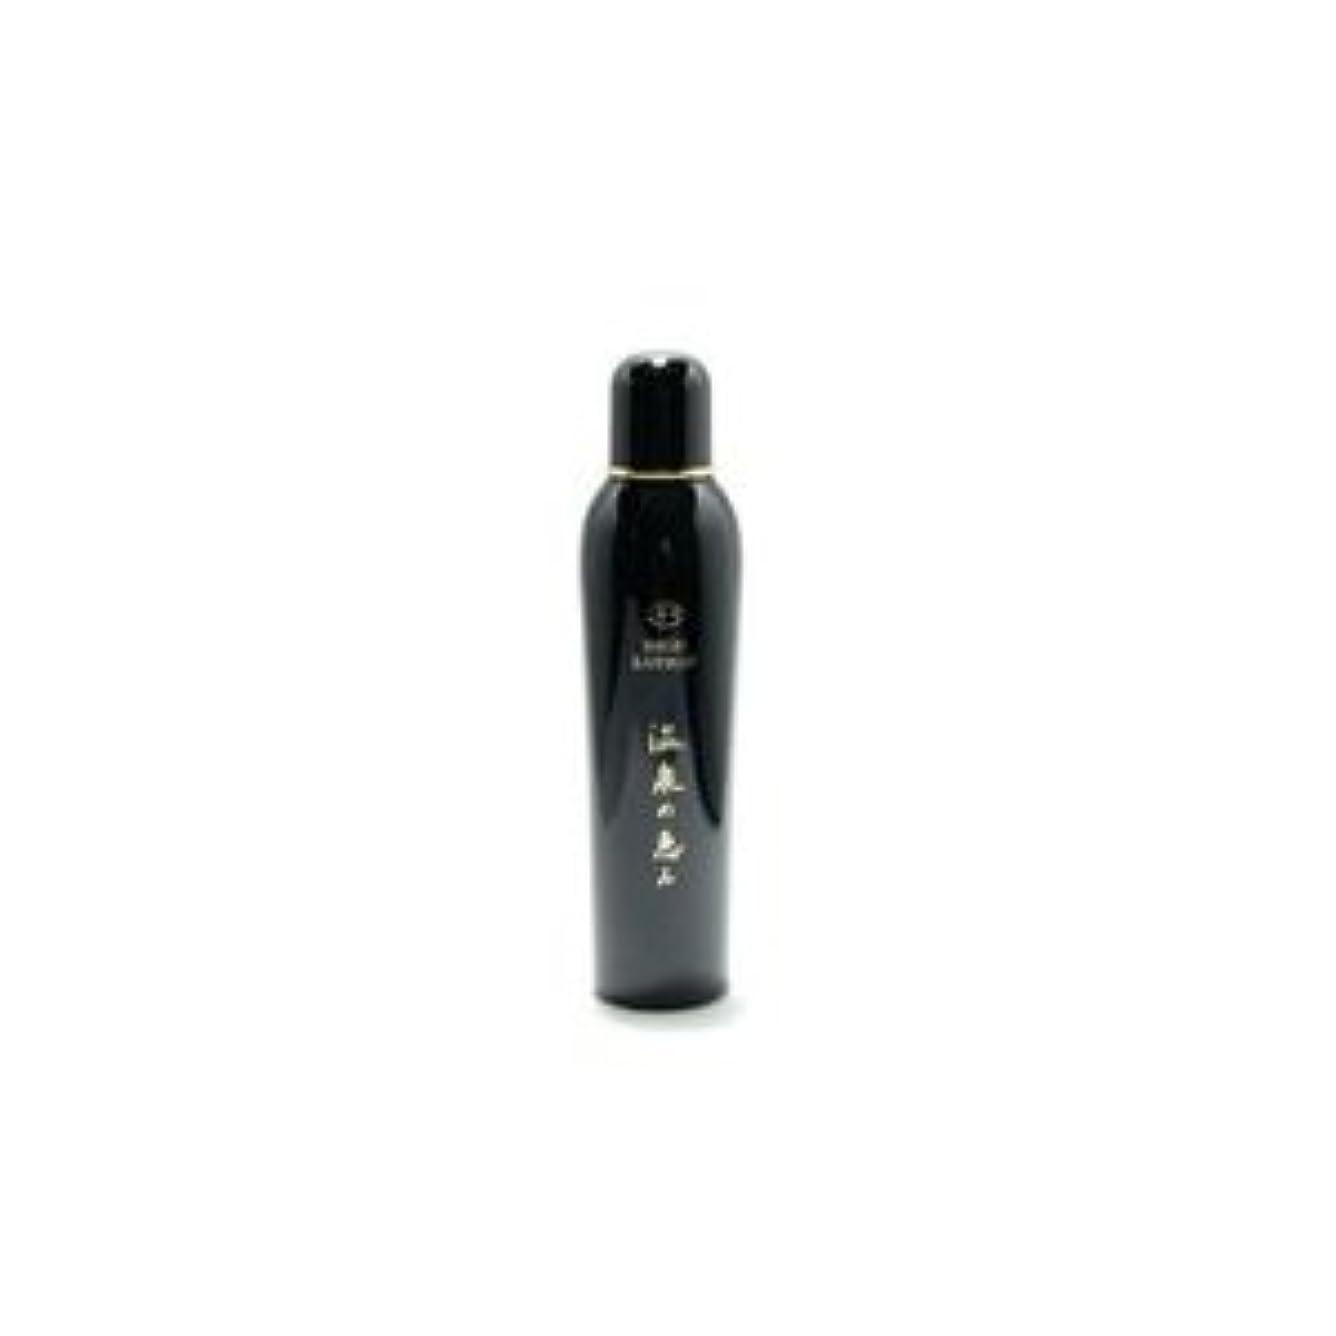 概要間換気するイオン化粧品 ハイローション 温泉の恵み 165ml 弱酸性 一般肌用化粧水 アウトレット